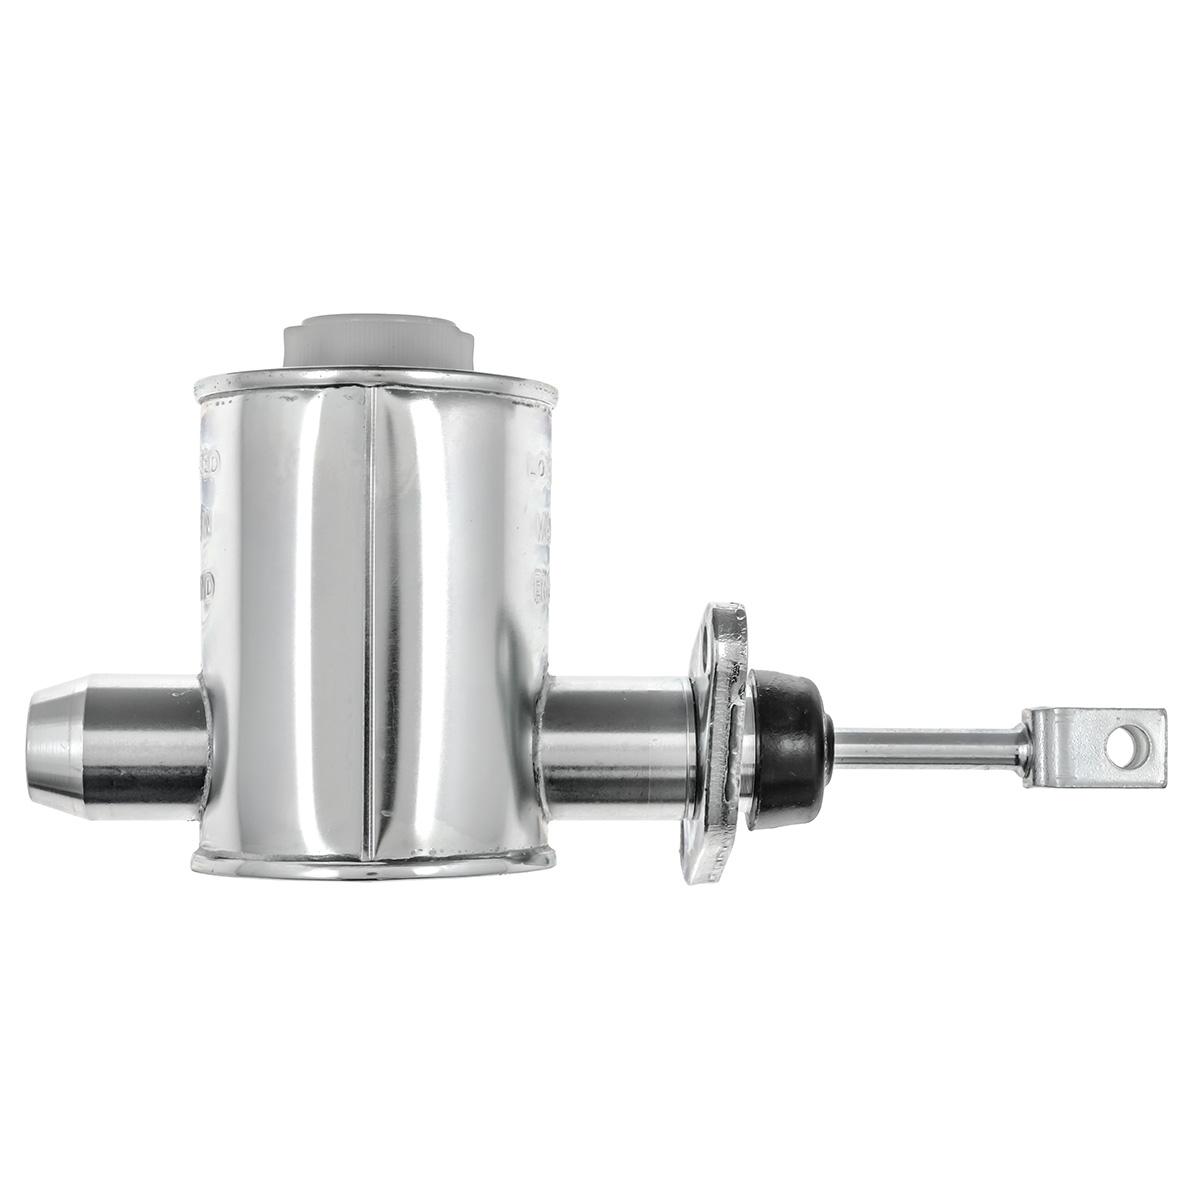 MG Midget /& Ah Sprite maître cylindre de frein 1967-1976 cuve Métallique AP Freinage